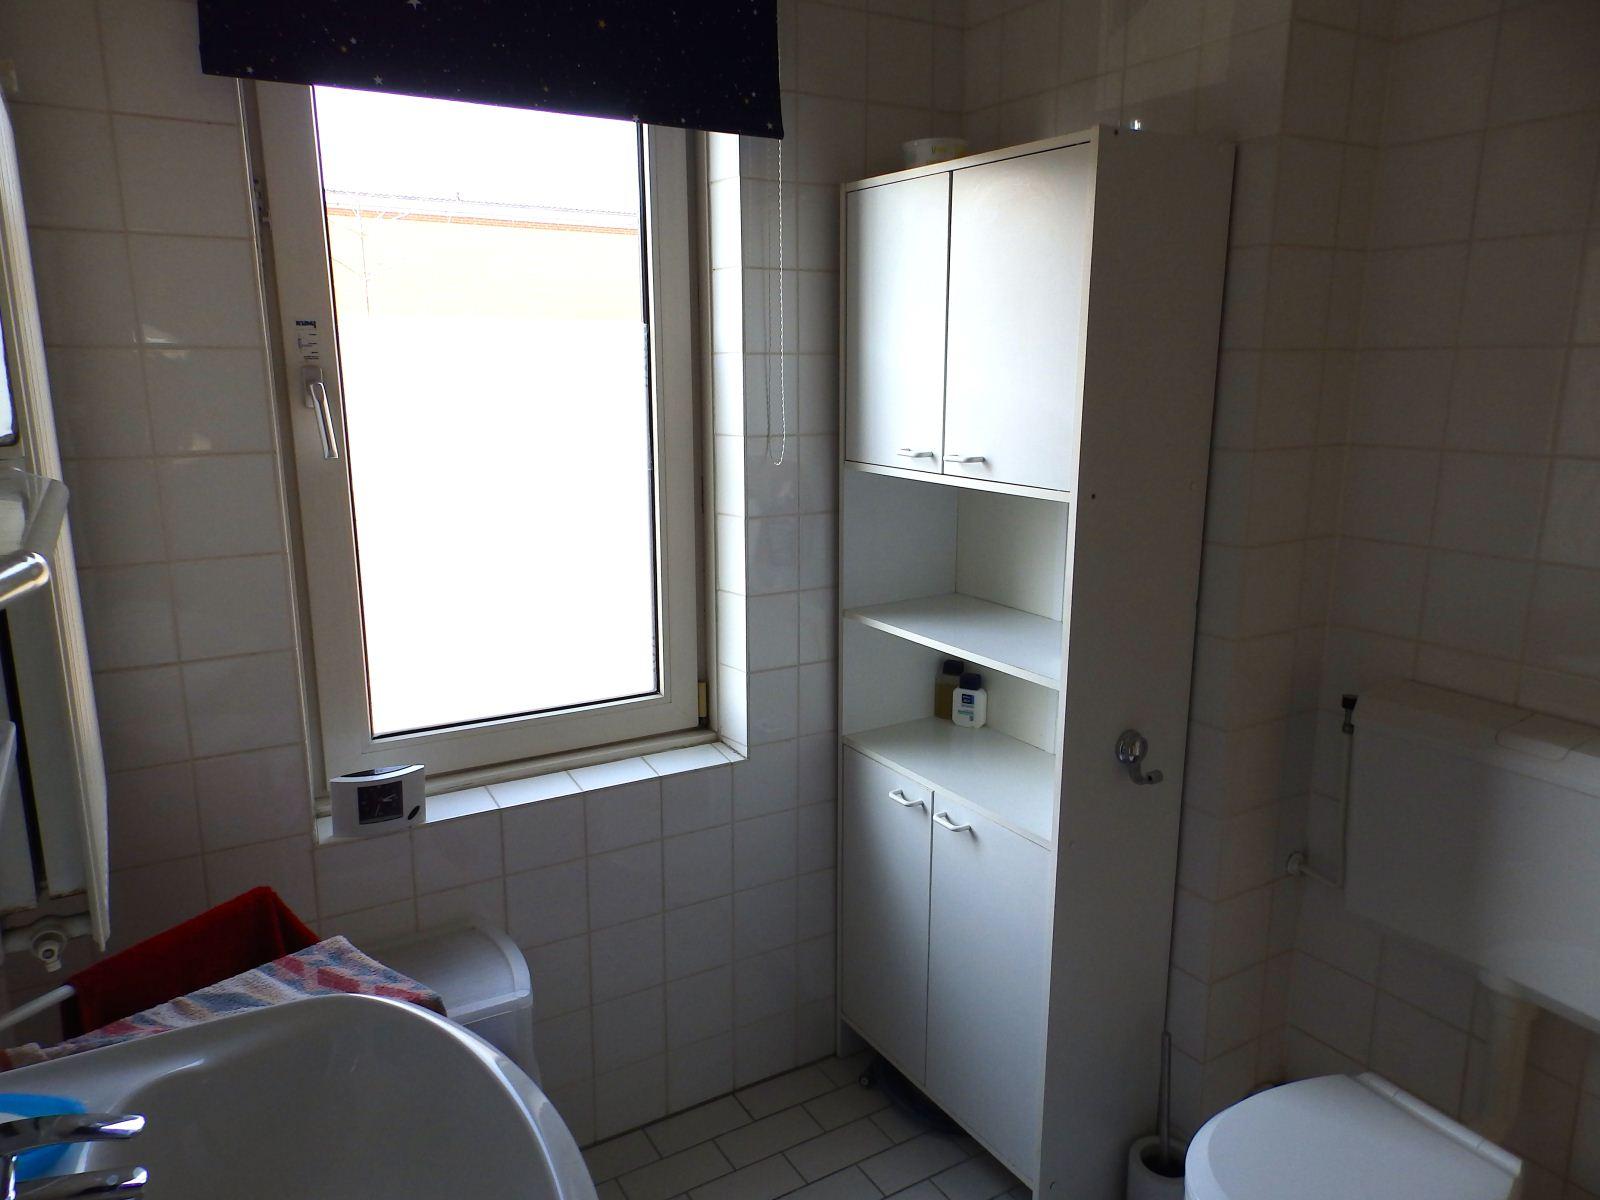 mooie betegelde badkamers: badkamer update huis katrijn joey, Badkamer